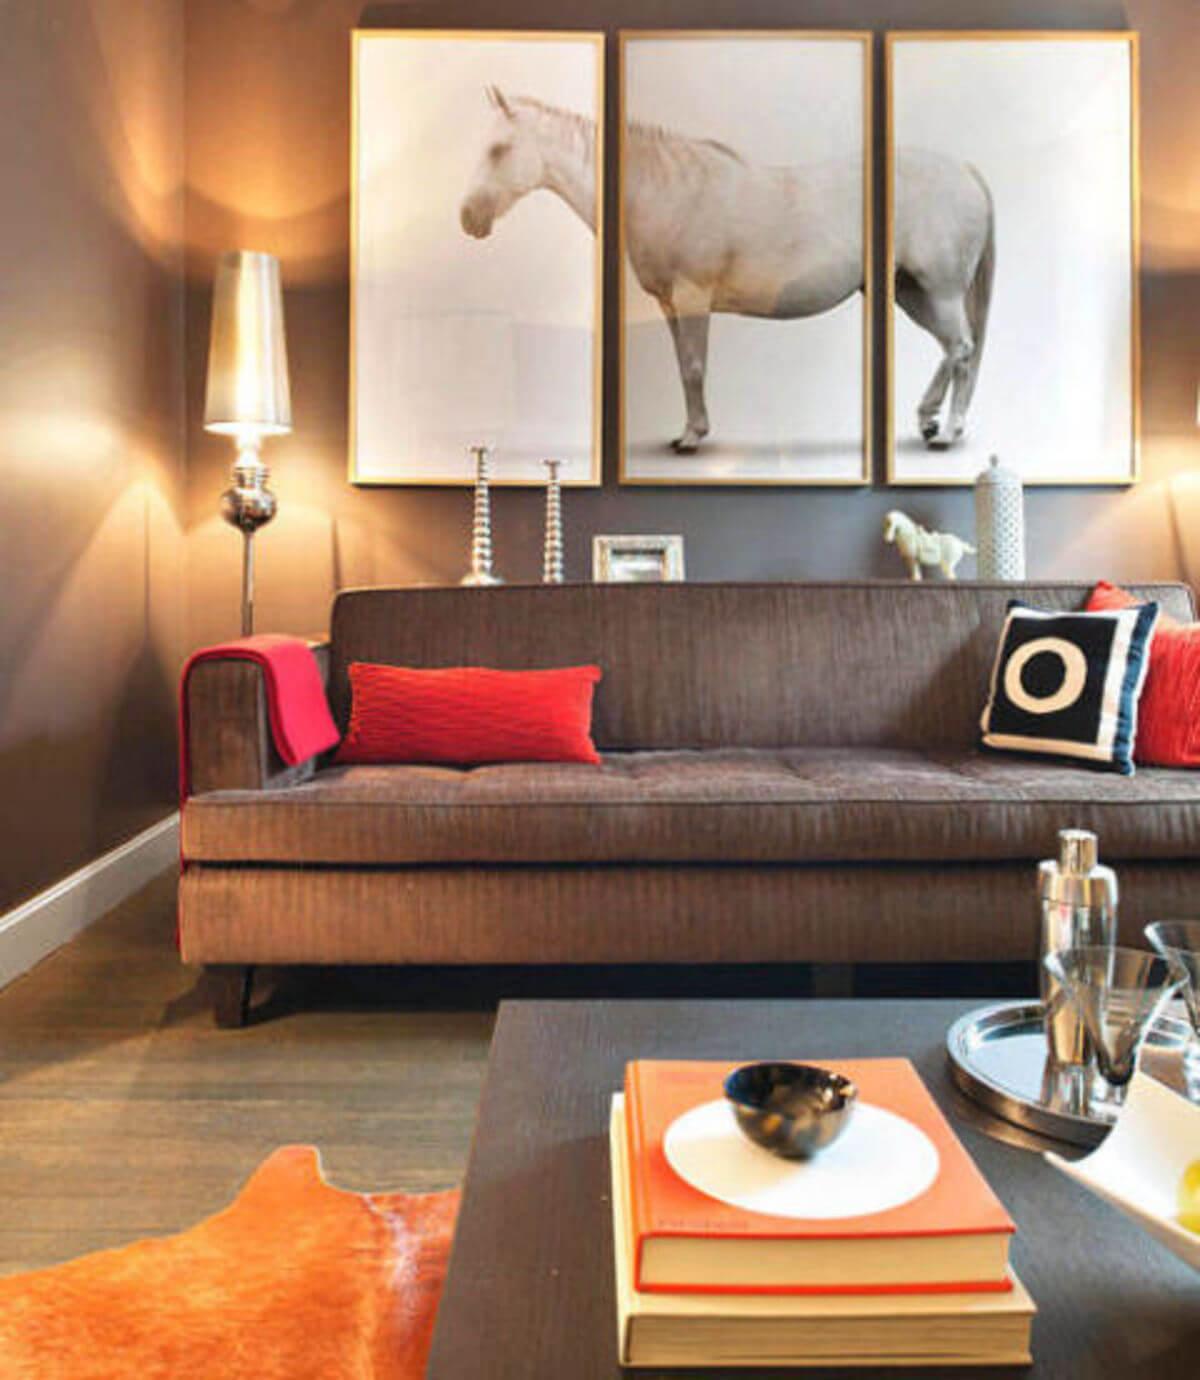 خطوات بسيطة تجعل من منزلك مُرتبًا مستعدًا للضيوف في كل وقت